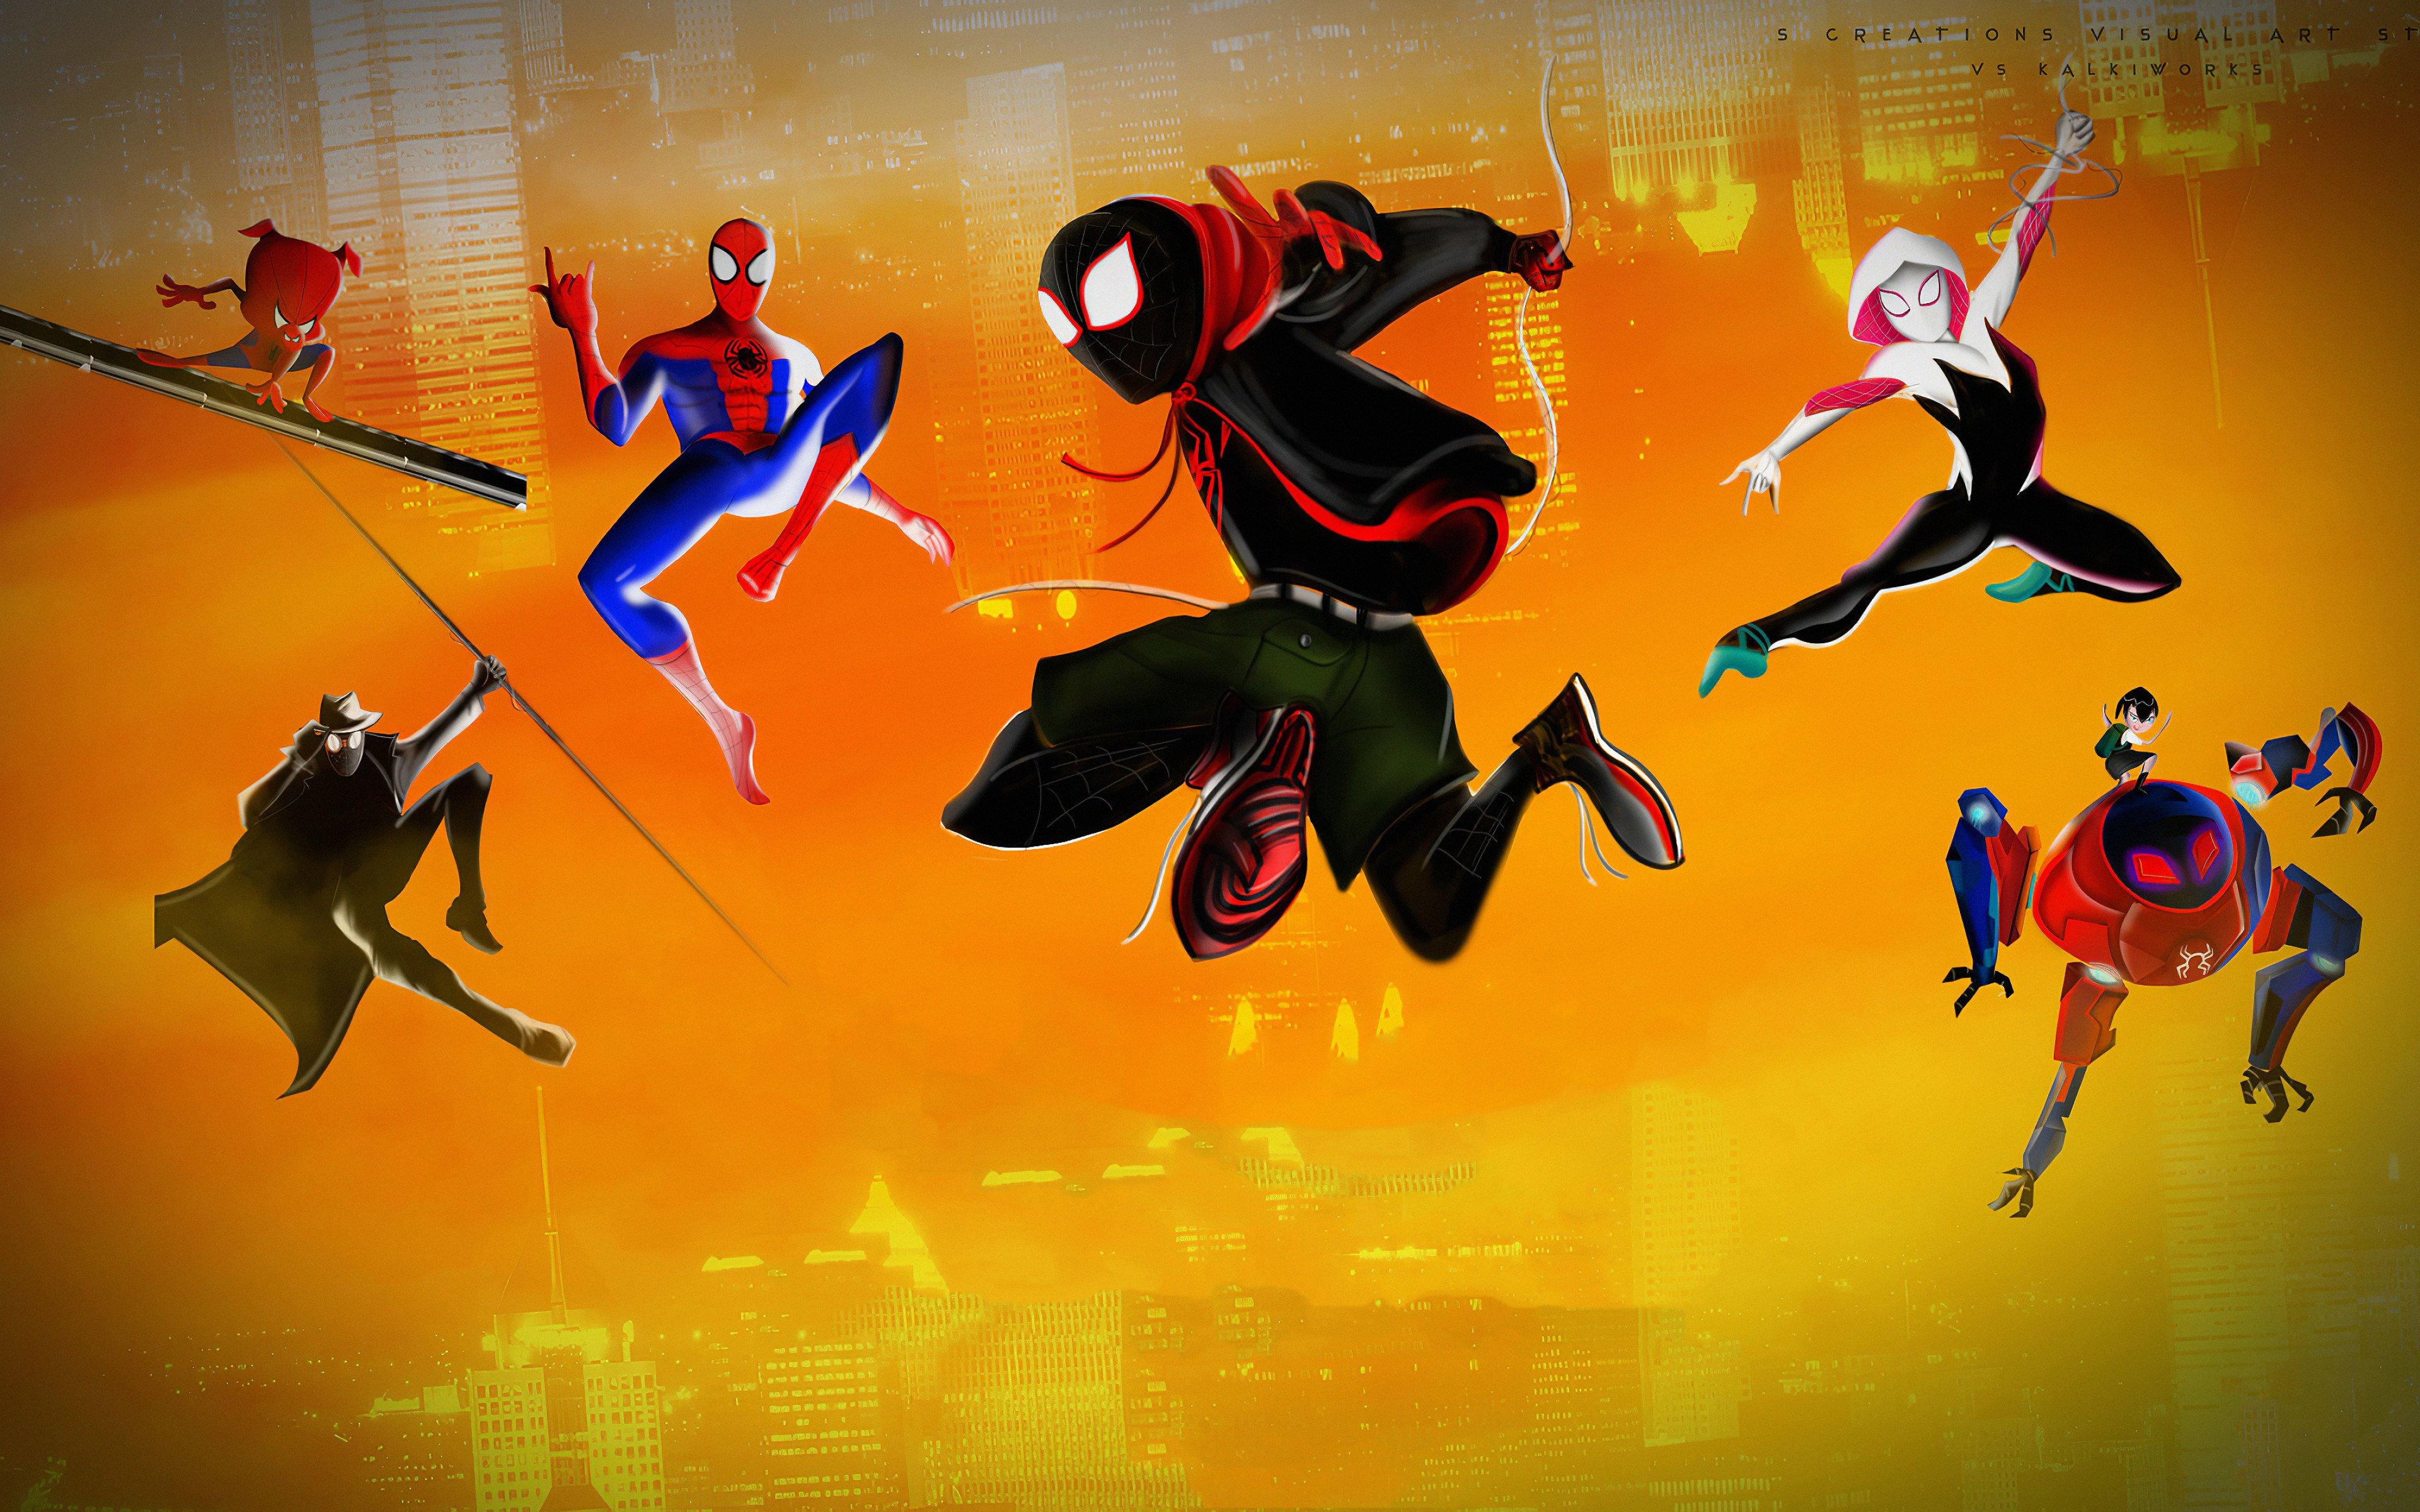 Fondos de pantalla Spidermans brincando de Un nuevo universo